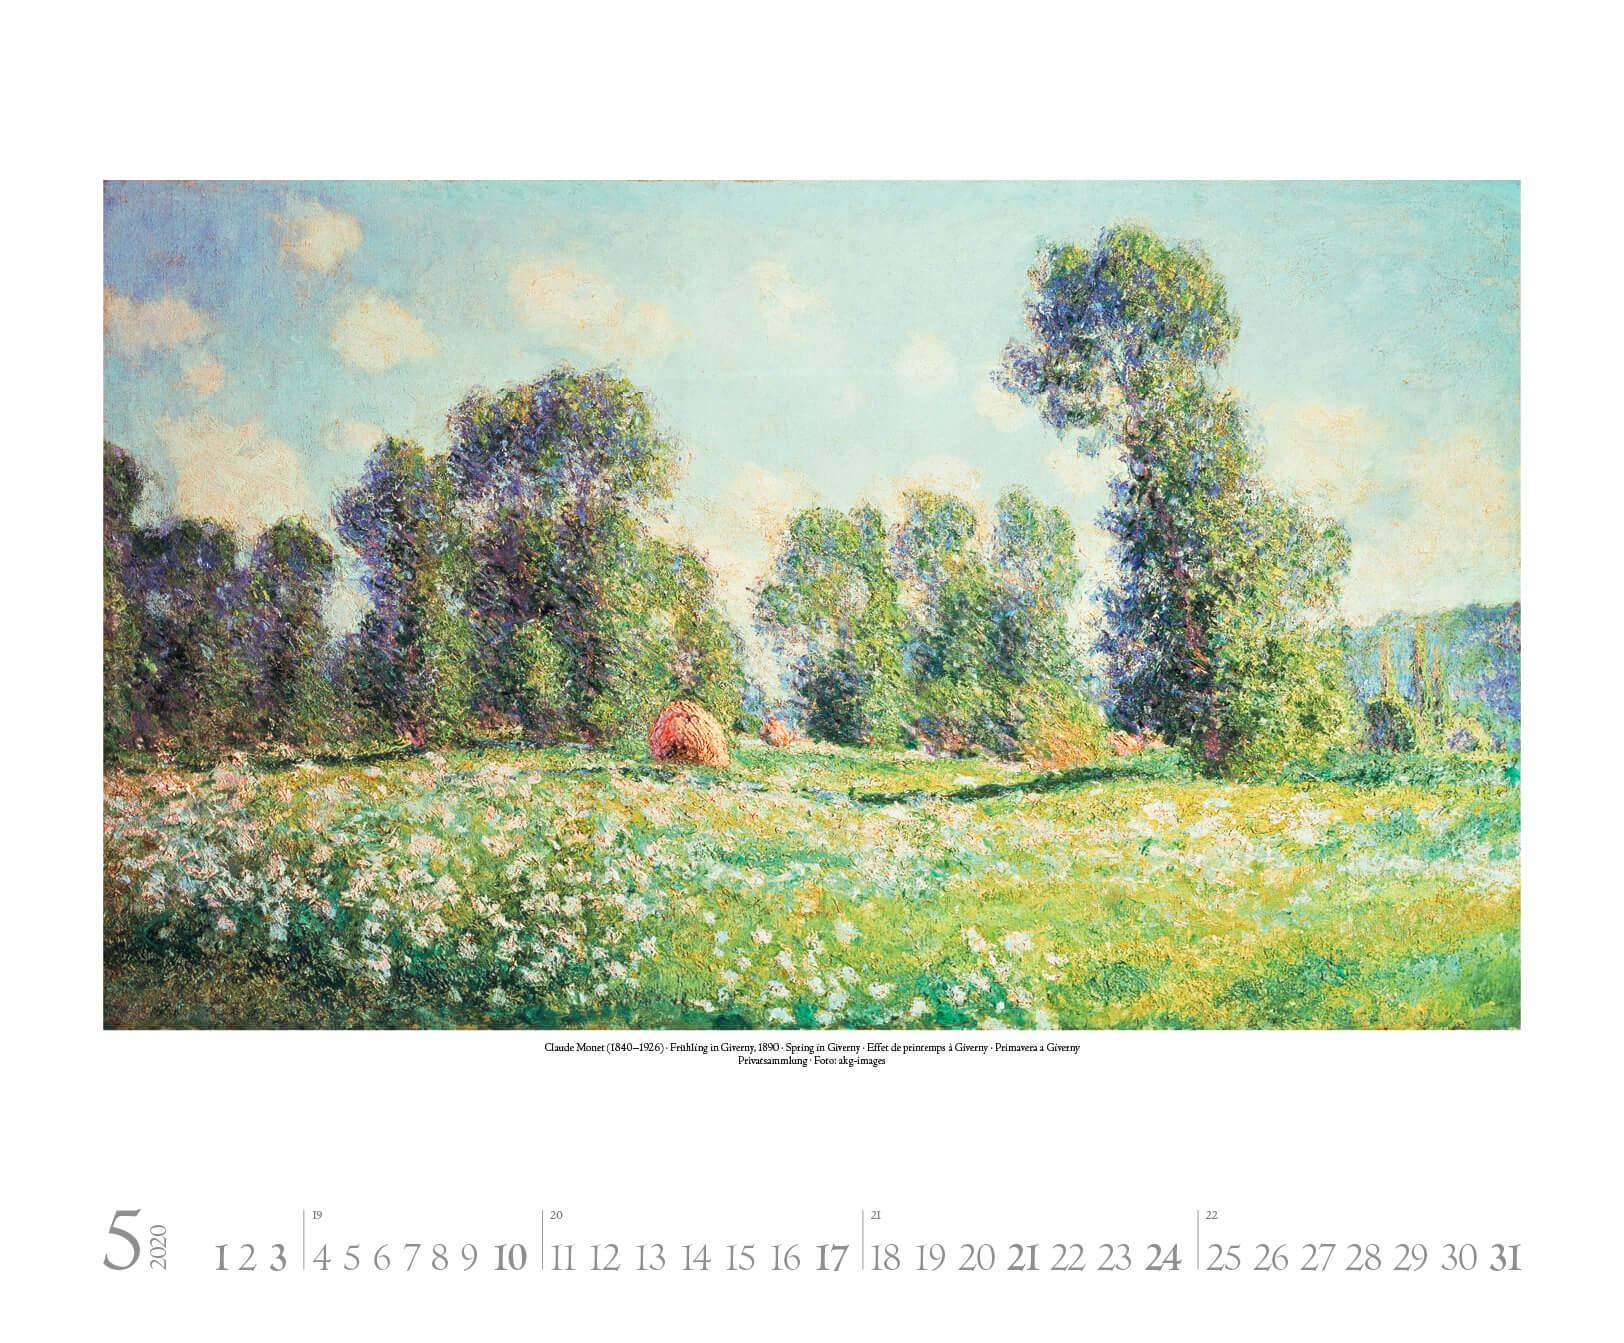 Landschaften zum Träumen 2020 55×45,5.indd